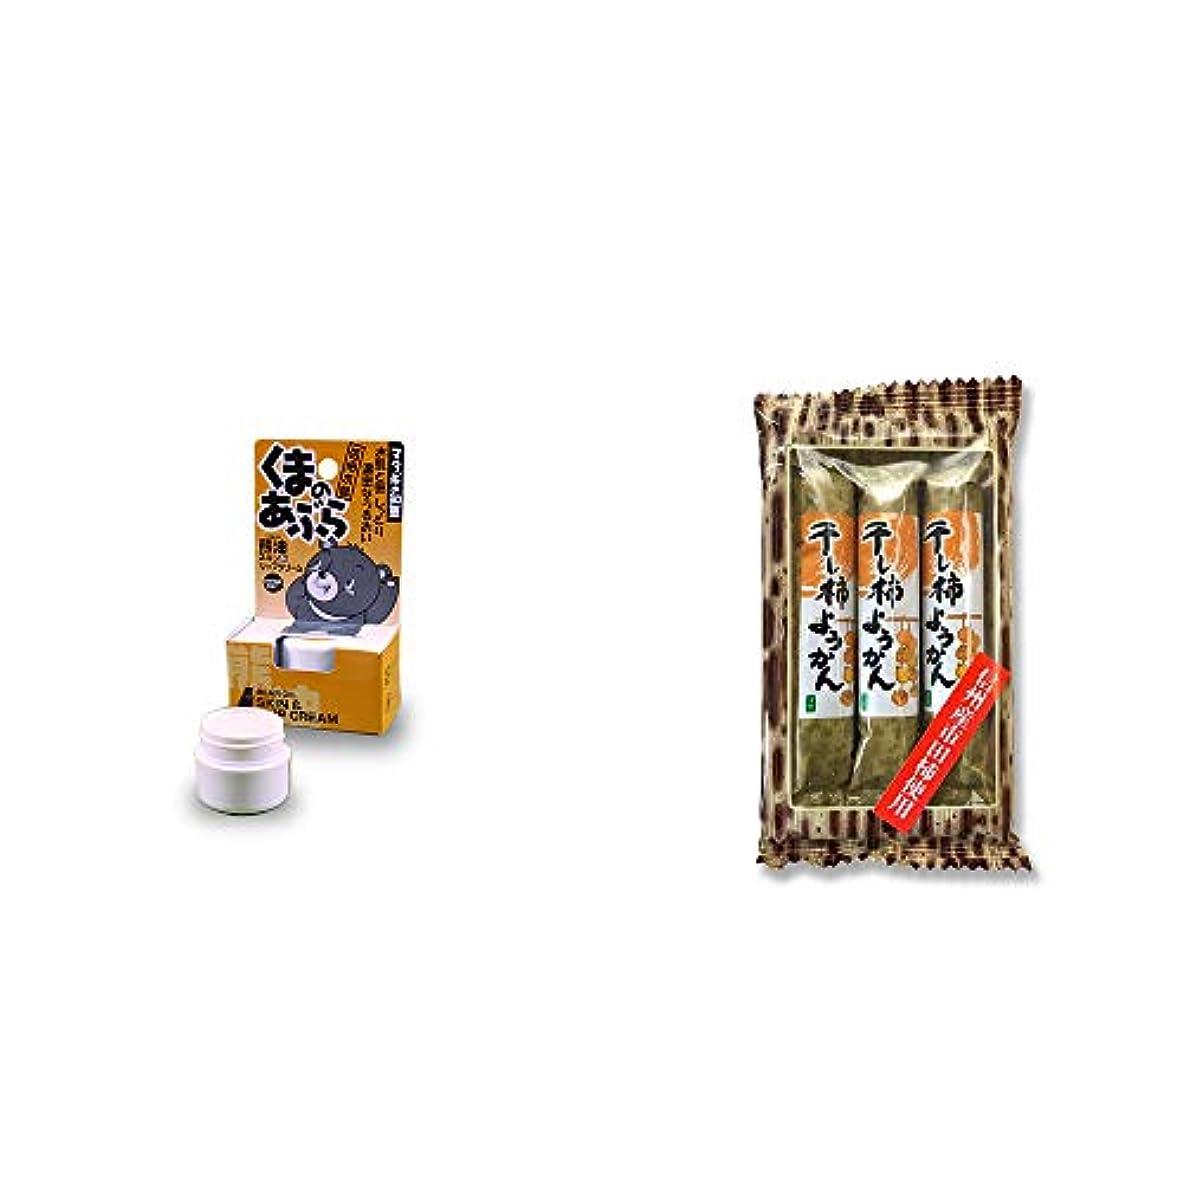 好色な叫び声うがい薬[2点セット] 信州木曽 くまのあぶら 熊油スキン&リップクリーム(9g)?信州産市田柿使用 スティックようかん[柿](50g×3本)